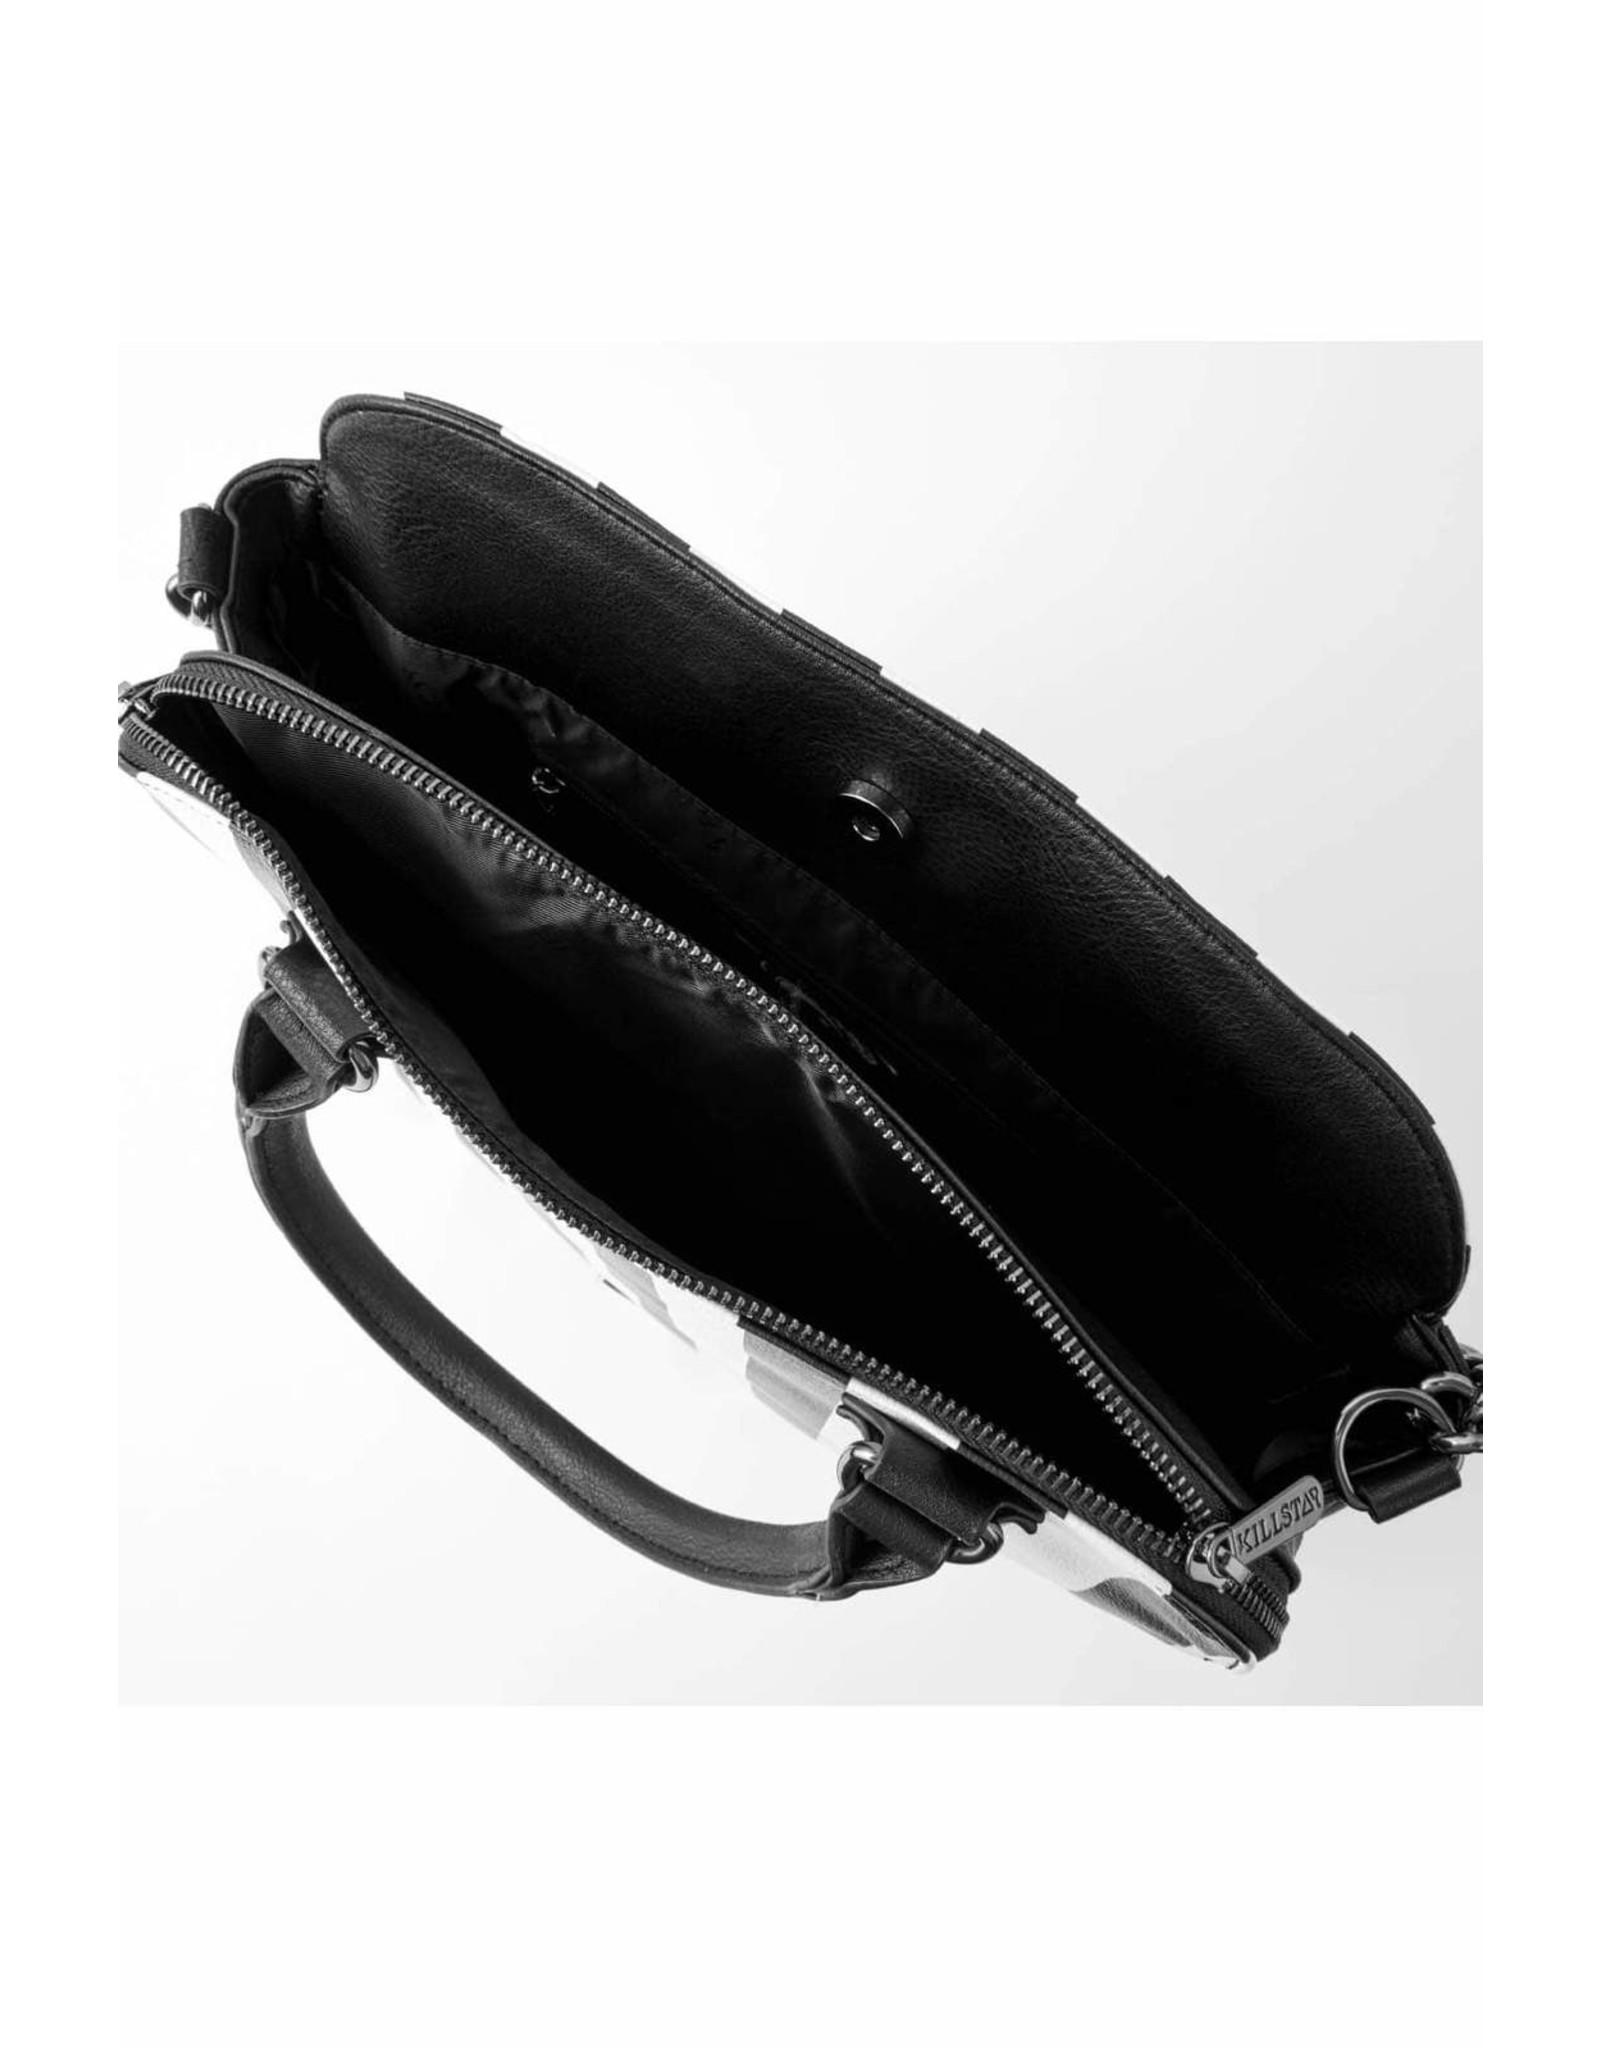 Killstar Killstar tassen en accessoires - Killstar Lines handtas met tablet vak